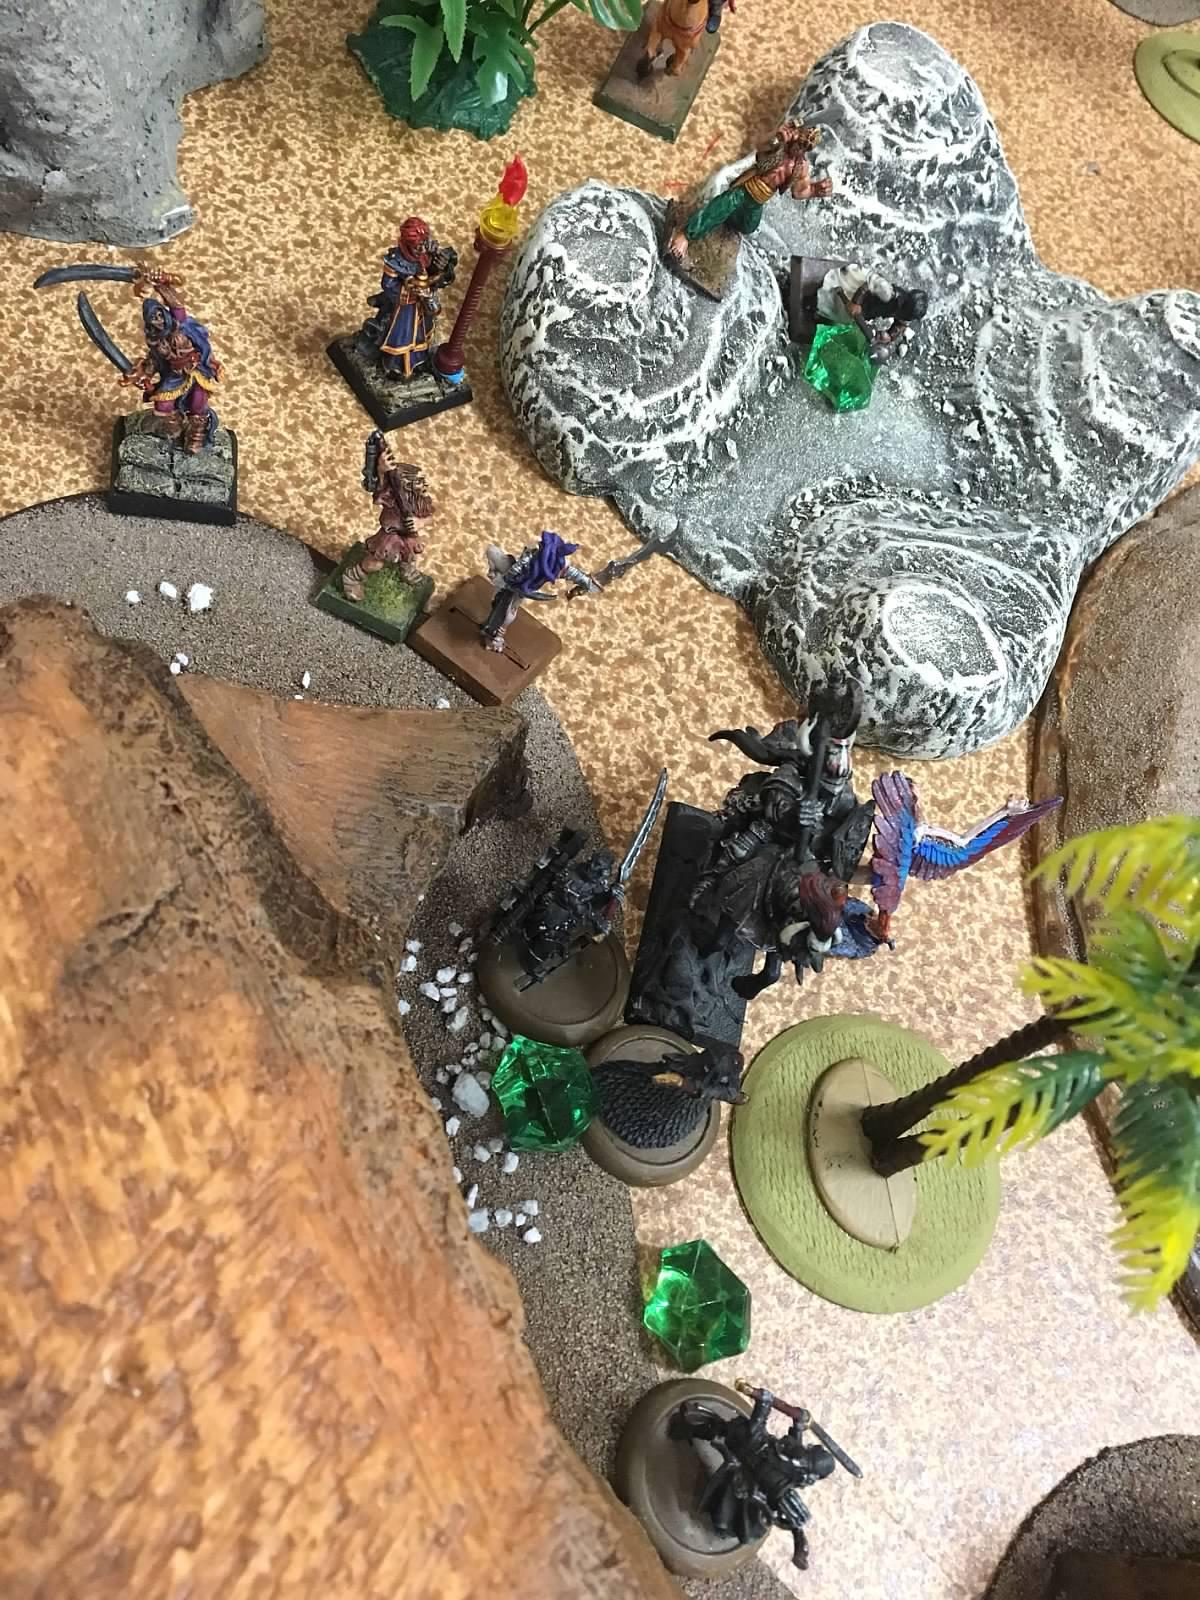 Tales of the Arabyan Nights Part II - Page 2 47a9db11b3127cce9854938d1d8e00000010100AbOXDRkzbMmWA